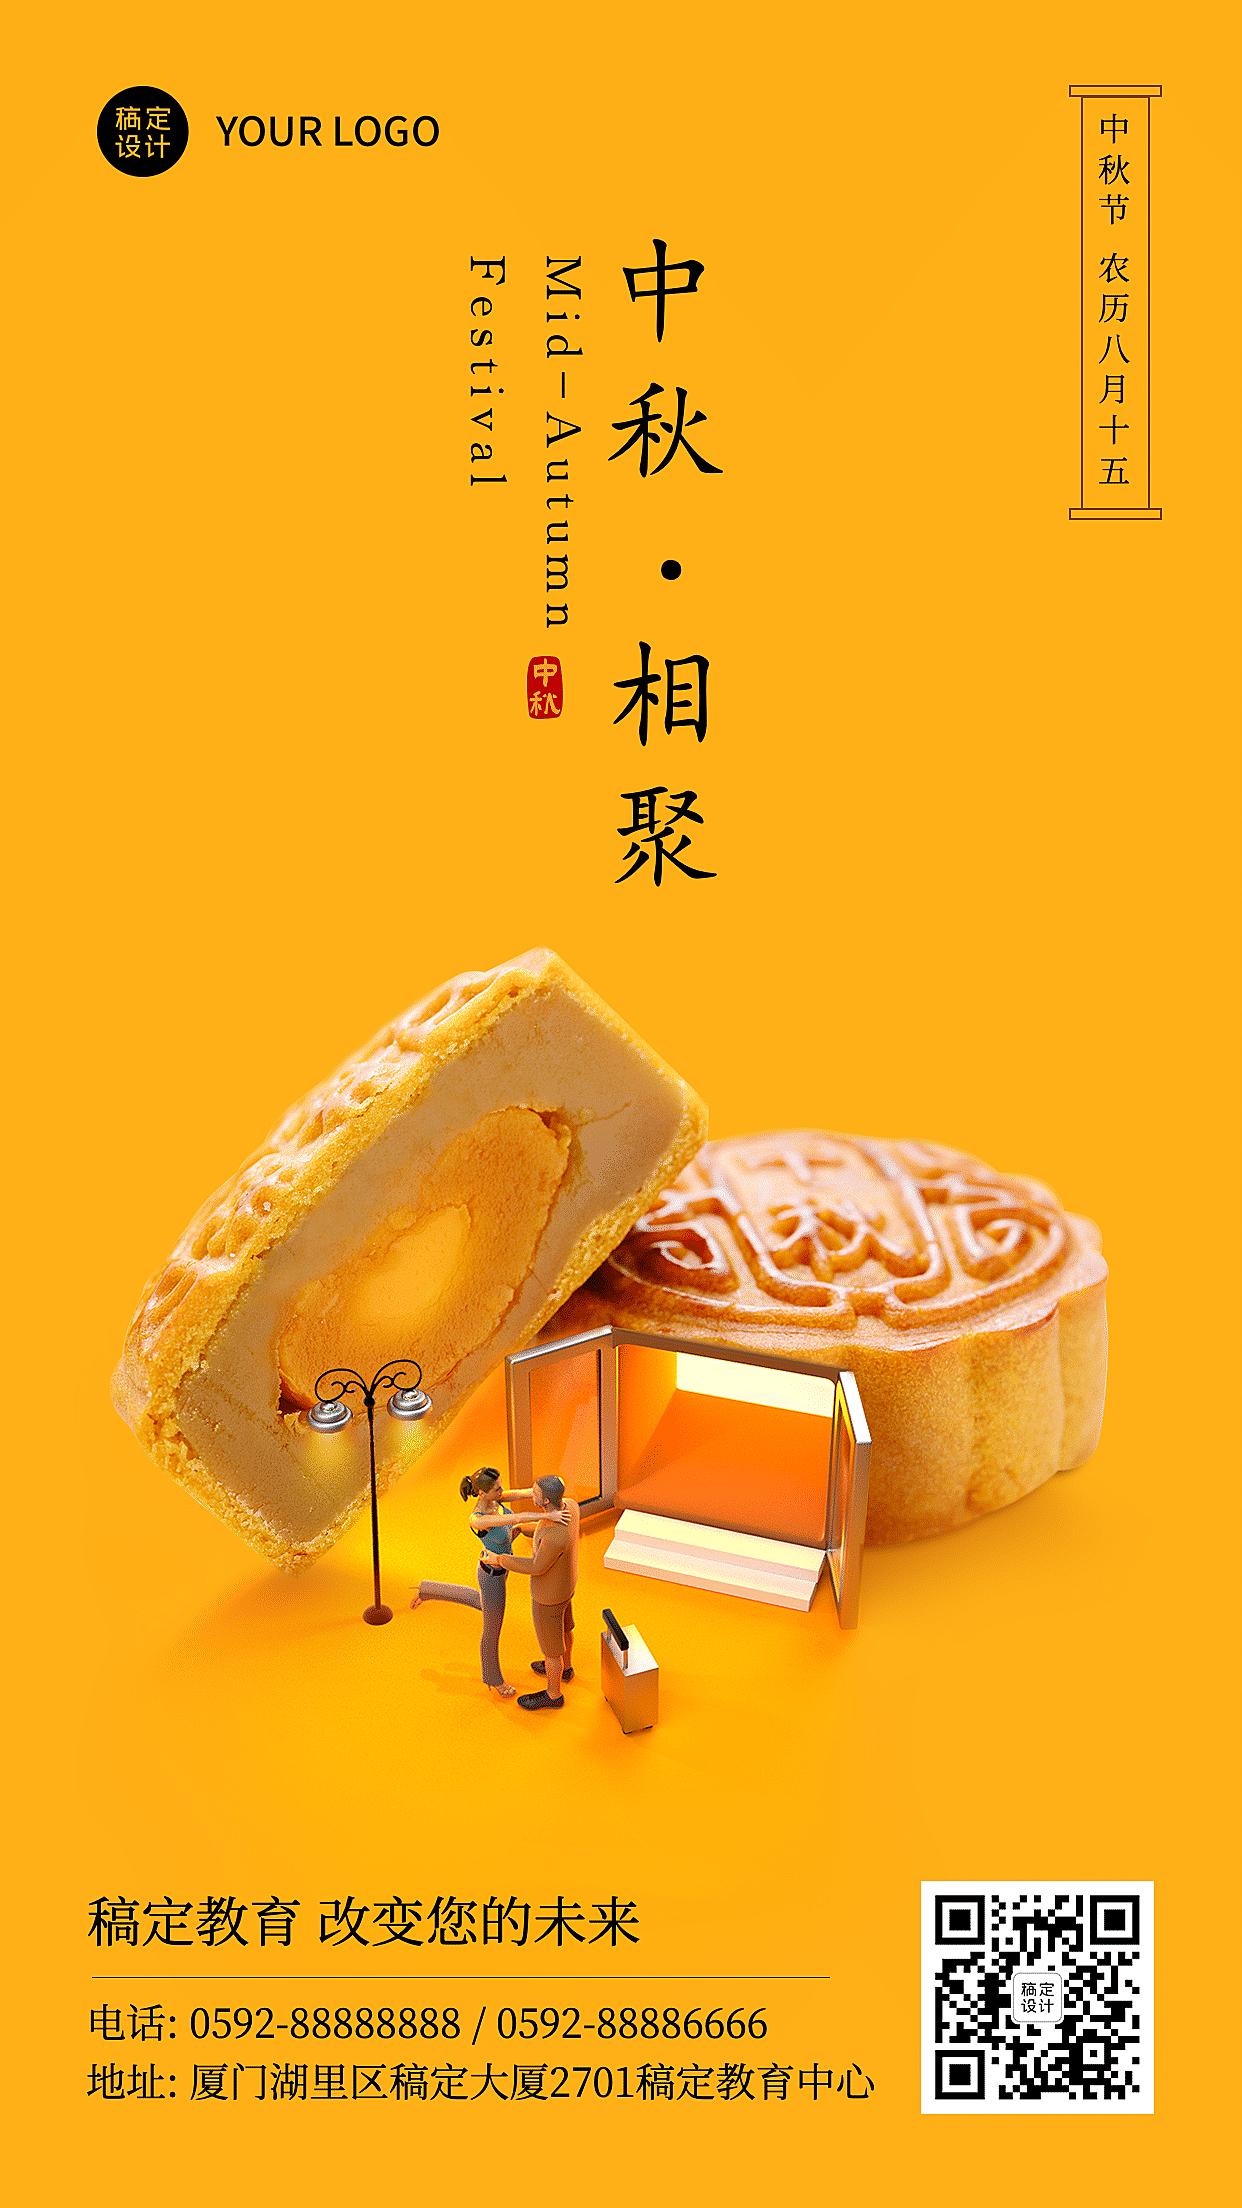 中秋节情侣相聚实景微缩海报